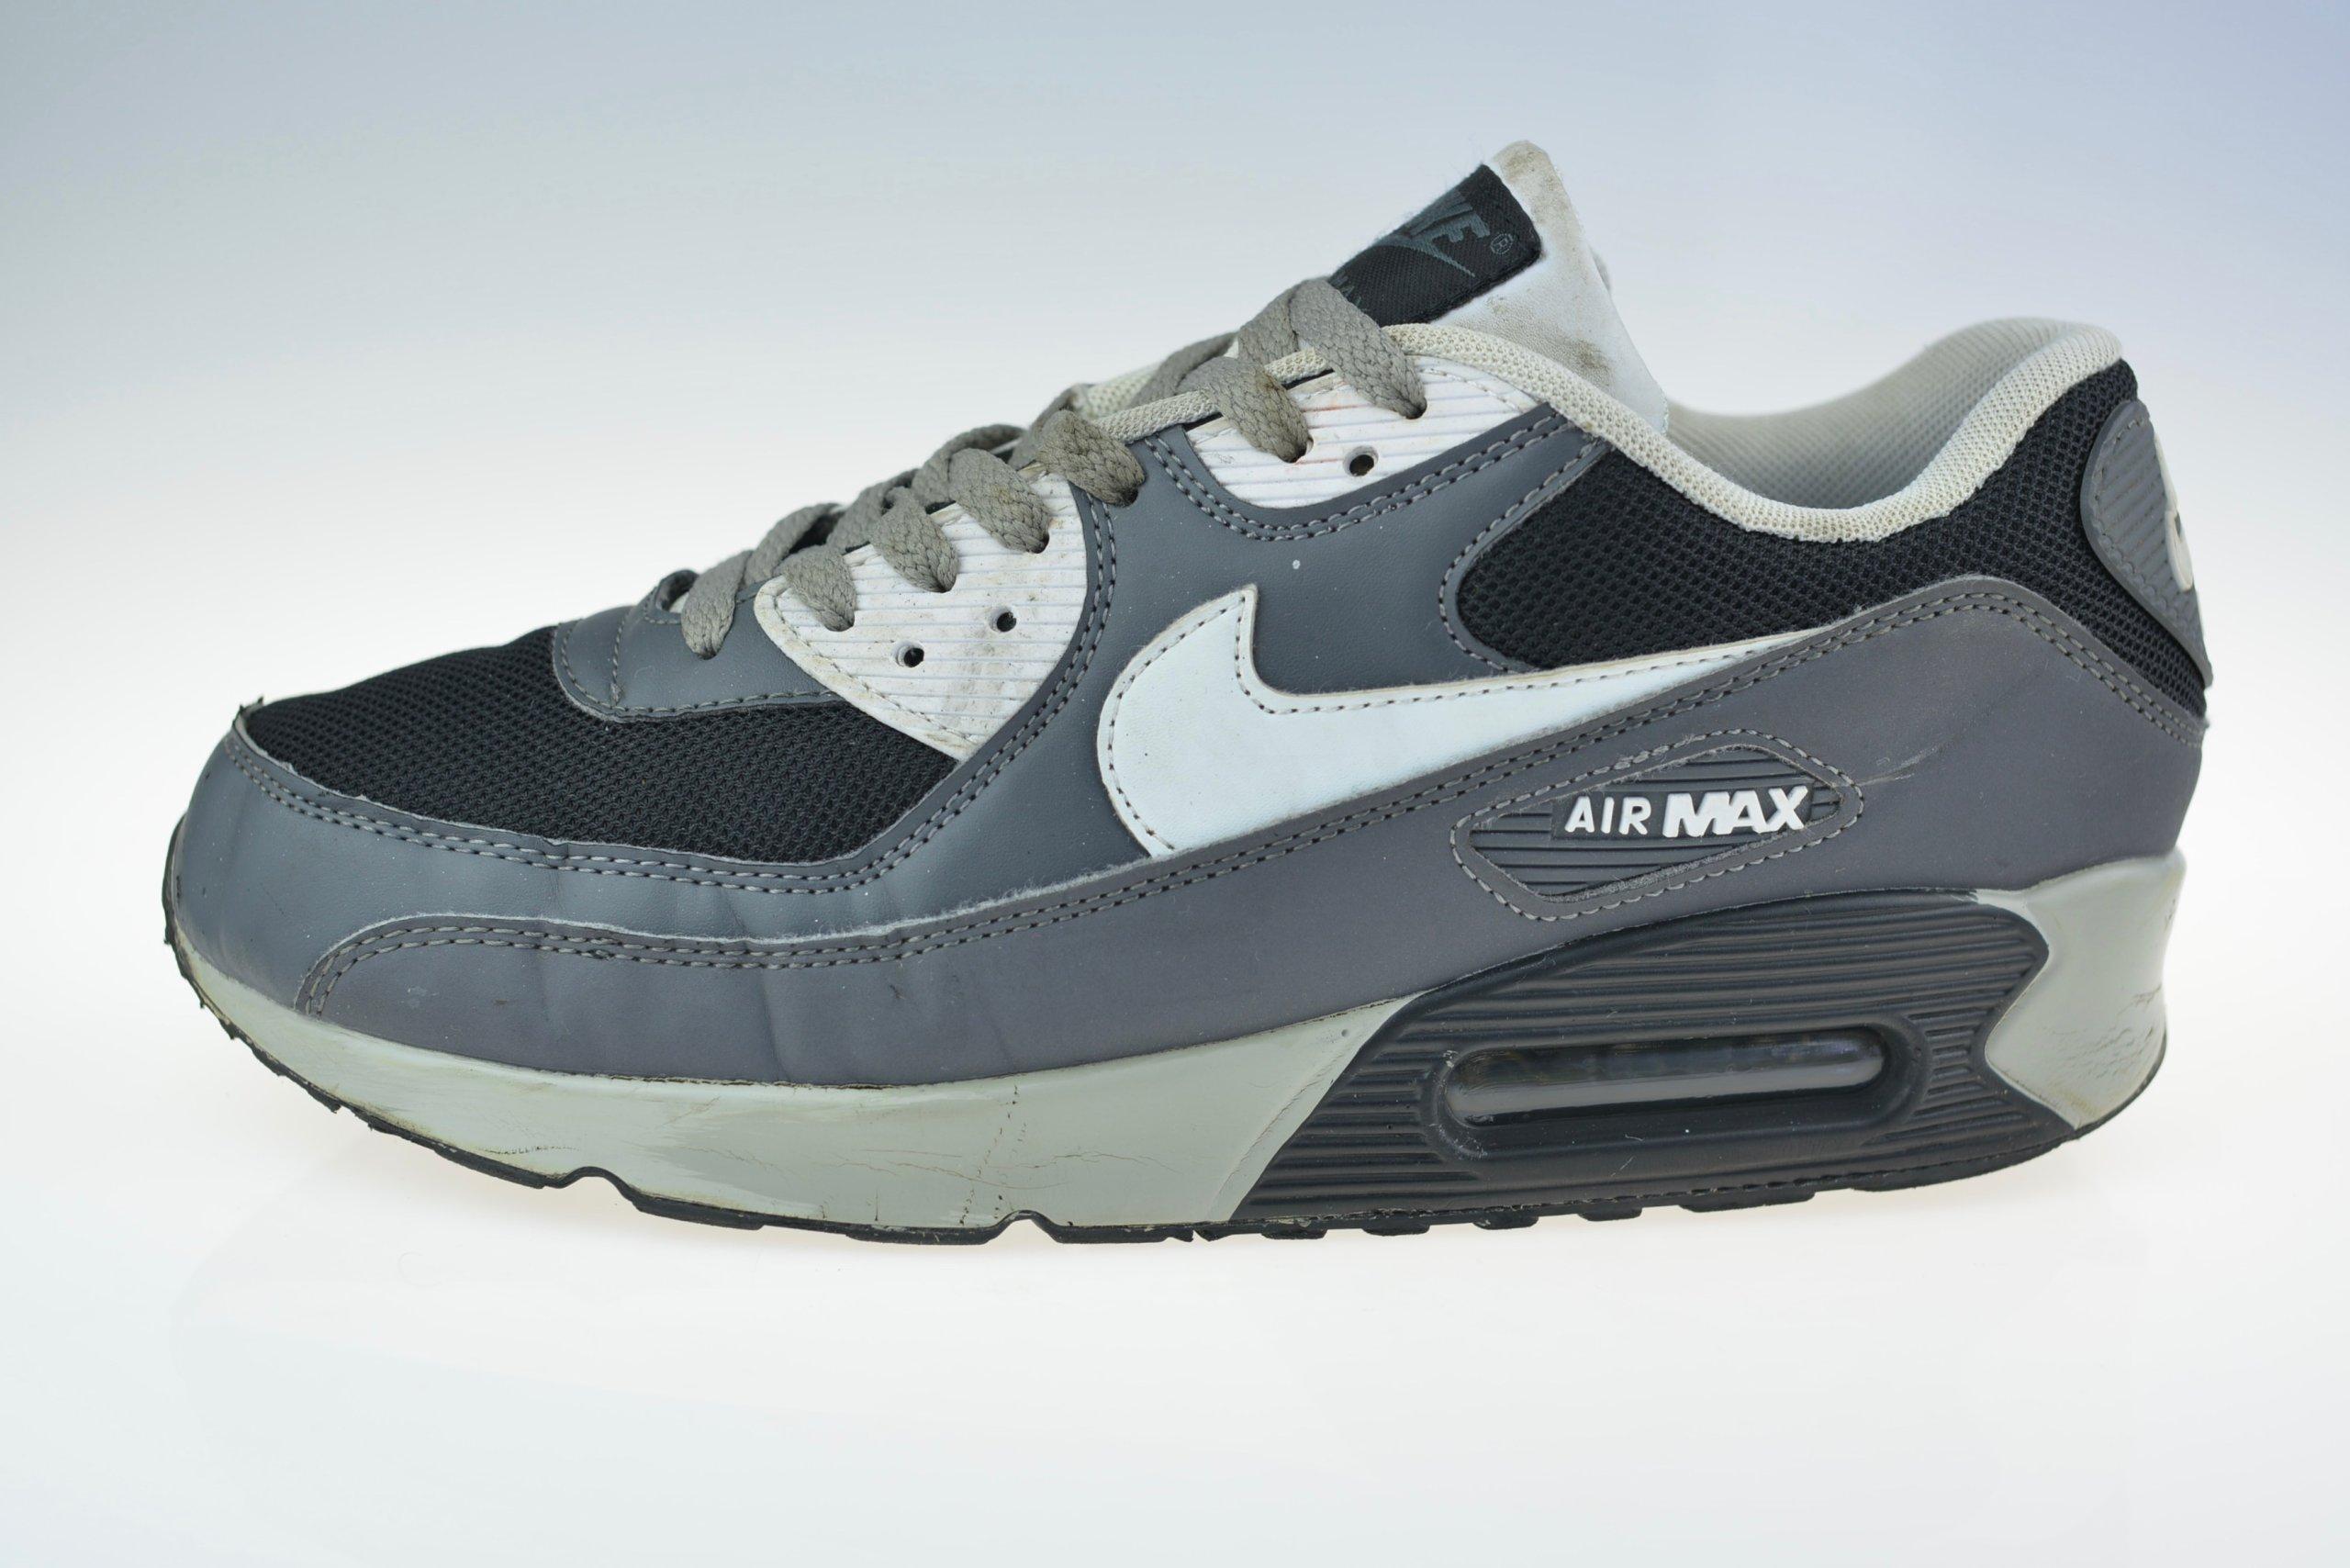 BUTY MĘSKIE AIR MAX 90 ESSENTIAL 537384 089 # 43